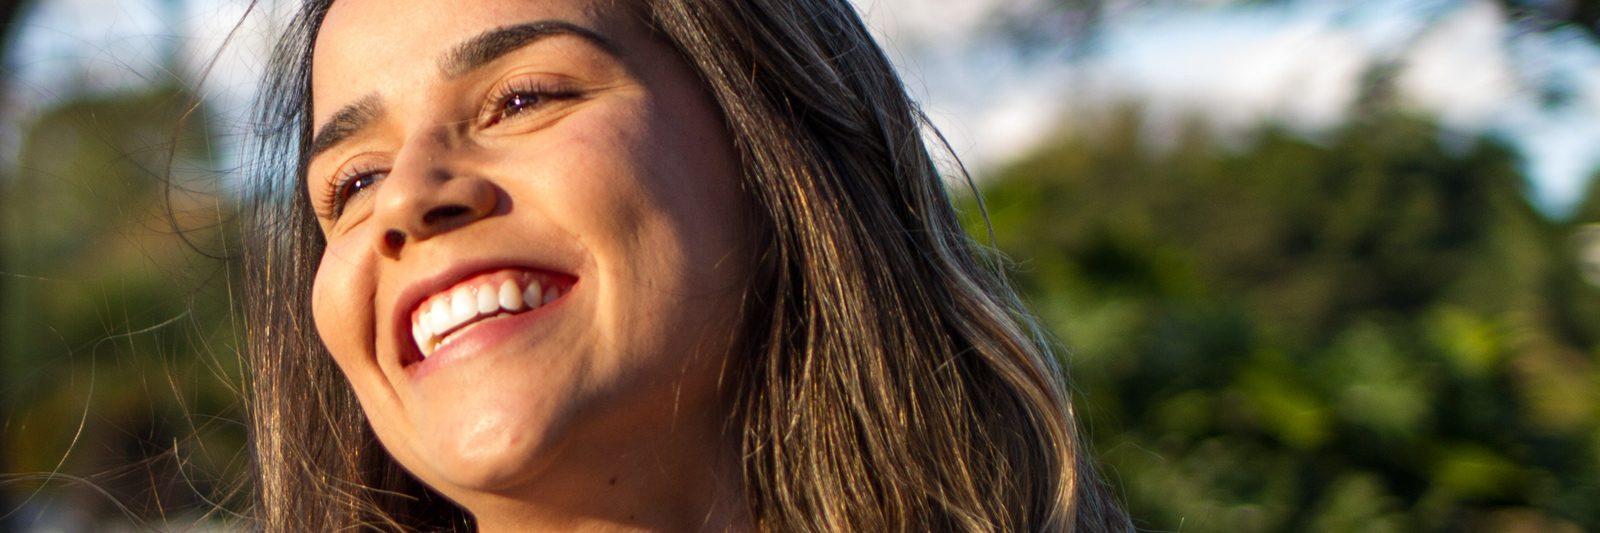 Sunde tænder giver en sund krop og psyke